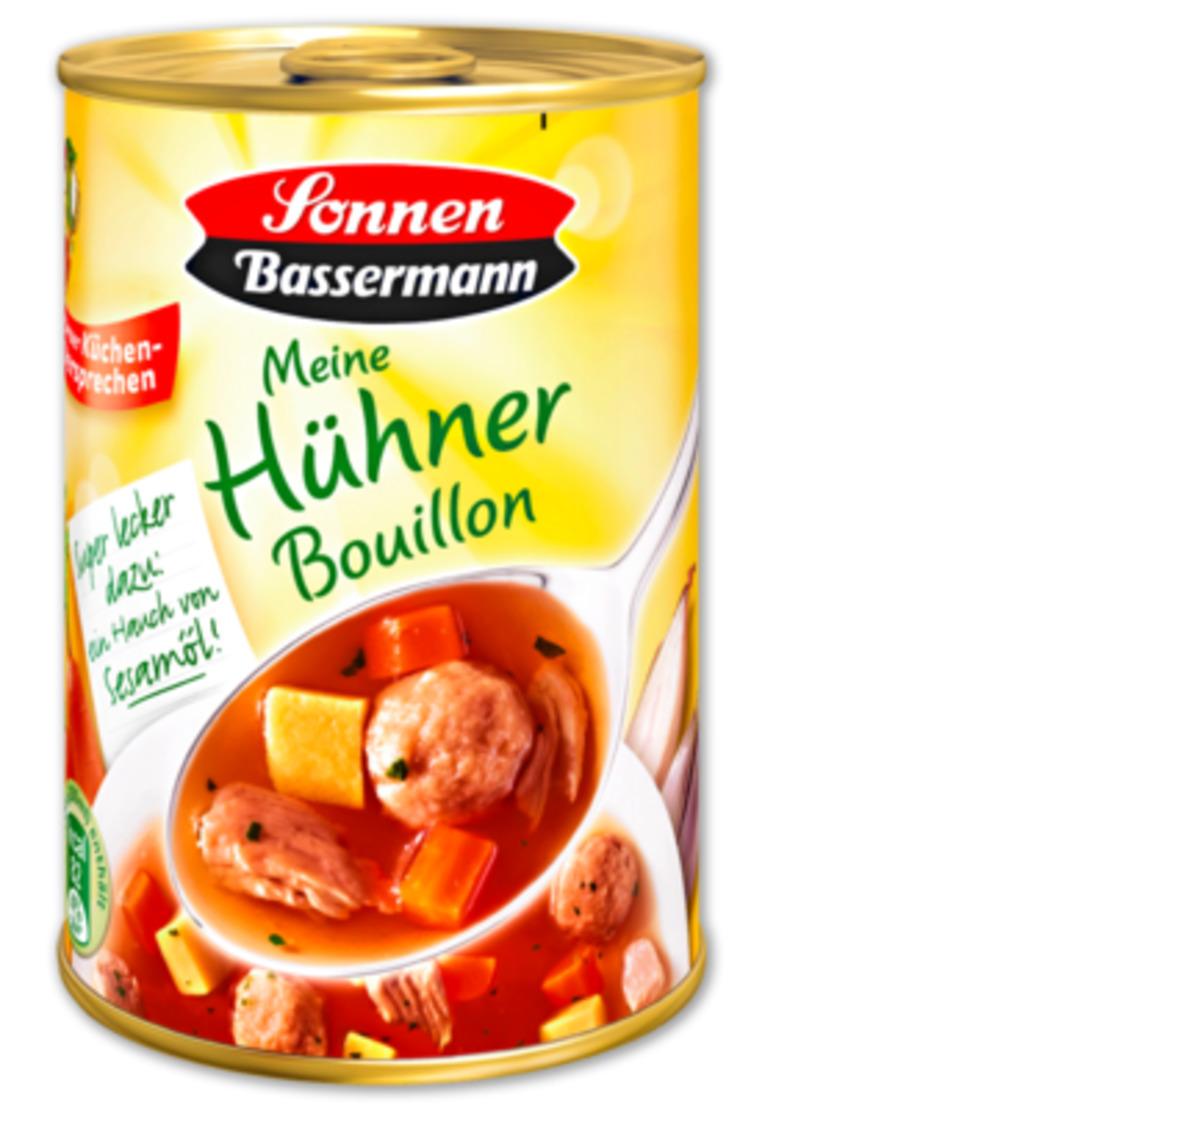 Bild 2 von SONNEN-BASSERMANN Suppen